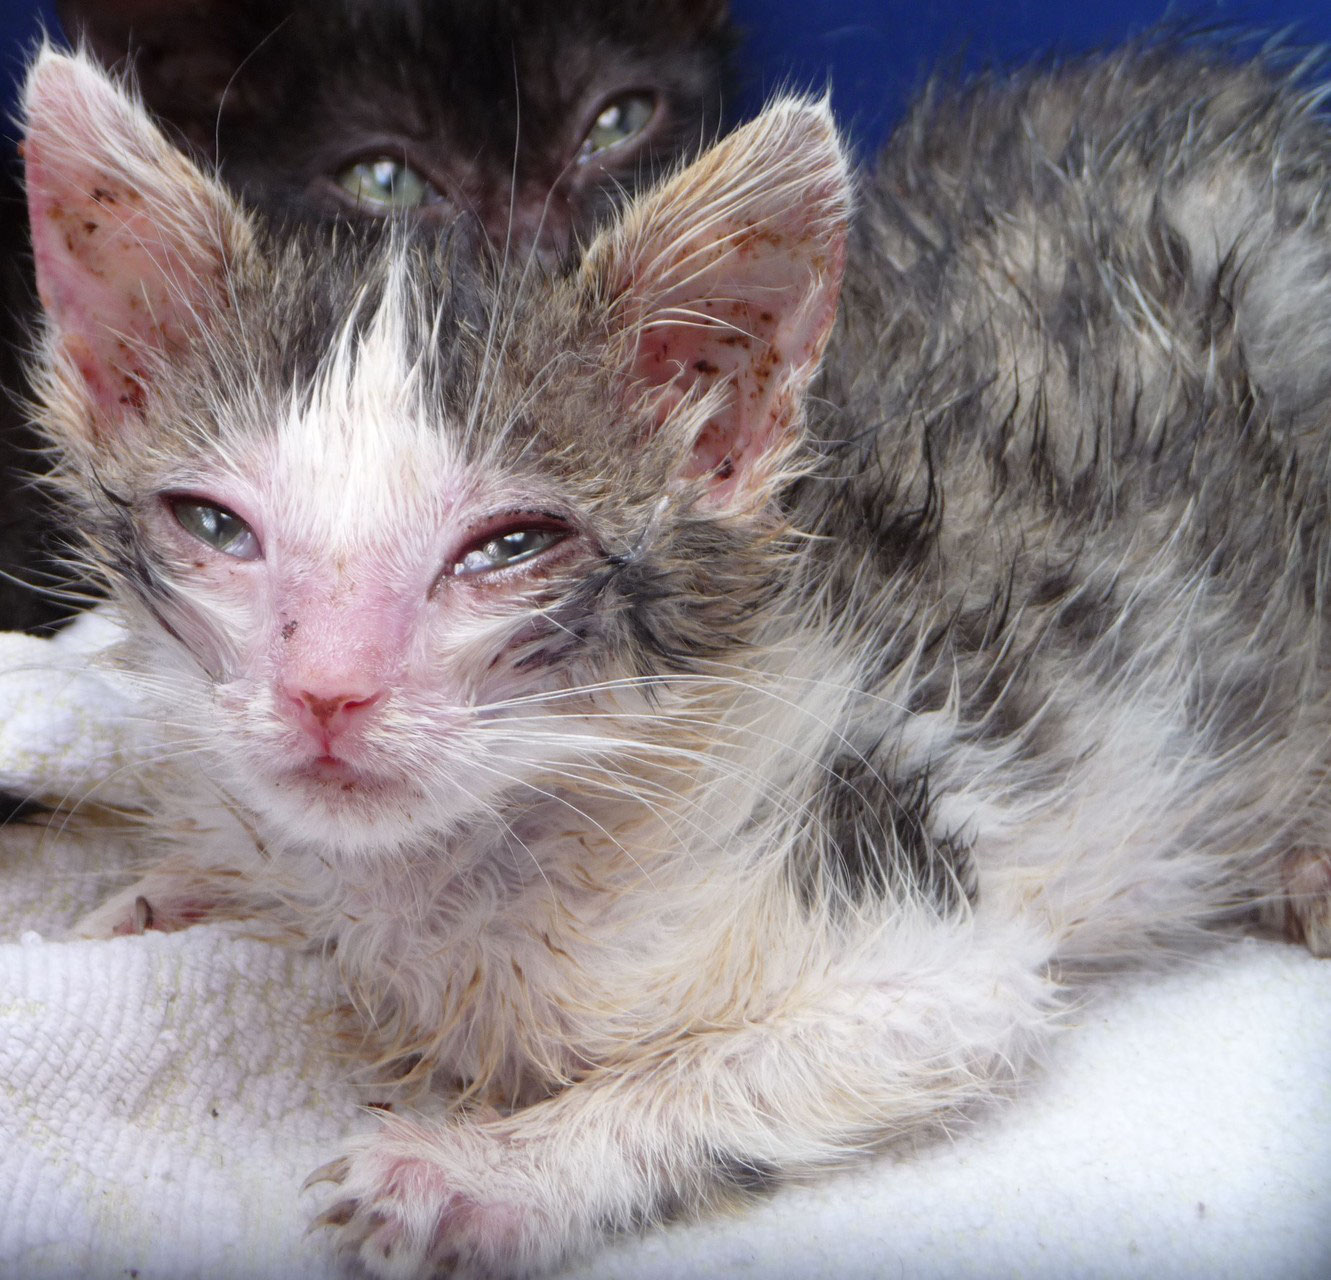 Katzenschnupfen Ehrenamtliche Katzenhilfe Lkr Cham E V